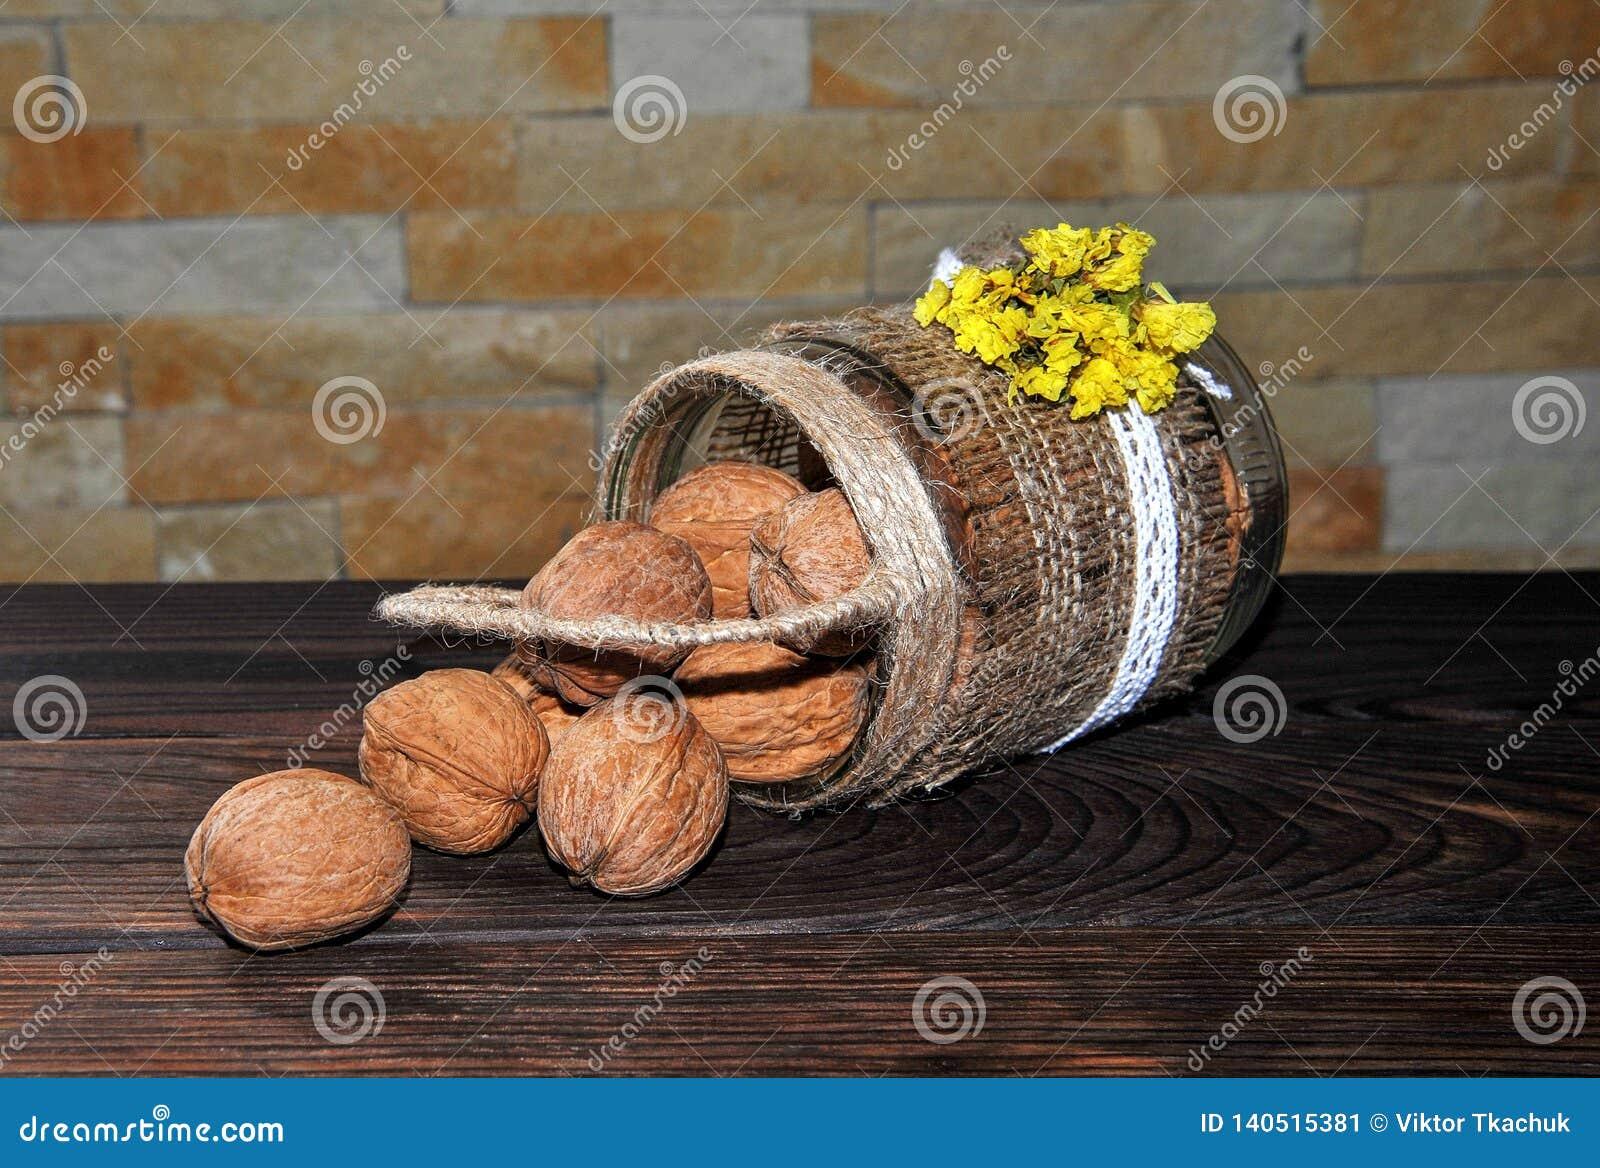 Unpeeled orzechy włoscy w puszce w postaci kosza na drewnianym stole